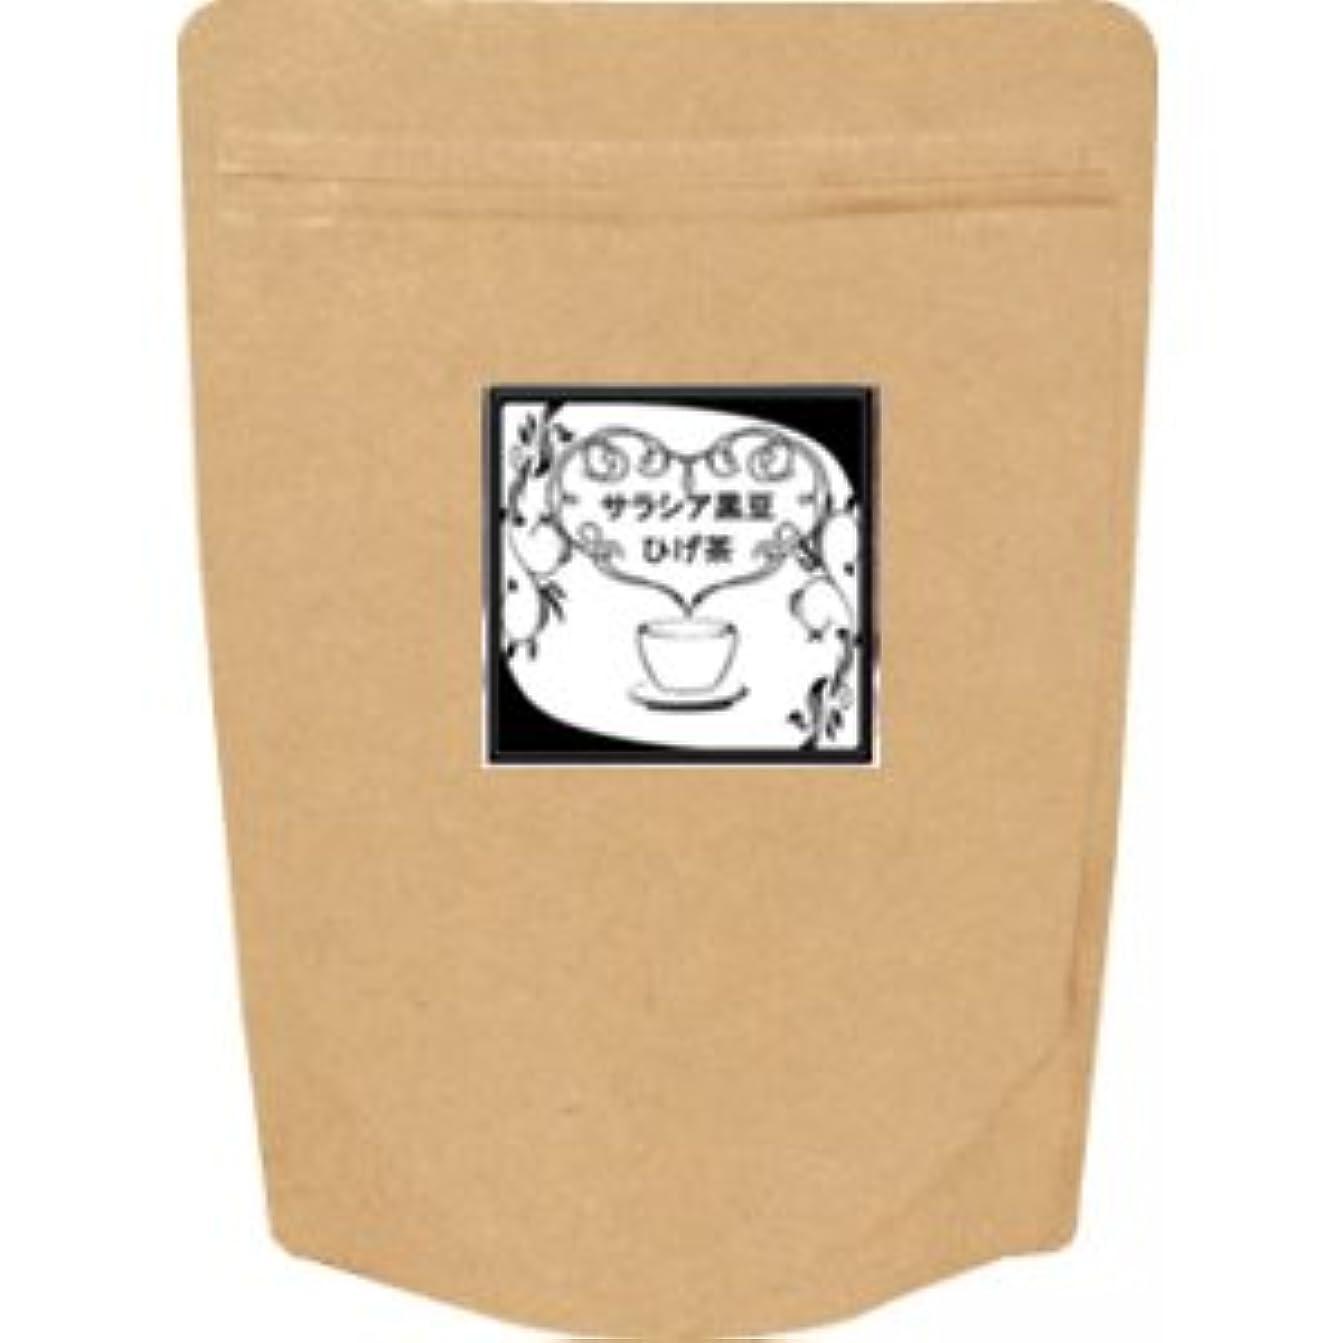 トレーニング権限を与える移民【抗糖花】サラシア黒豆ひげ茶(お徳用ティーバッグ100ヶ)